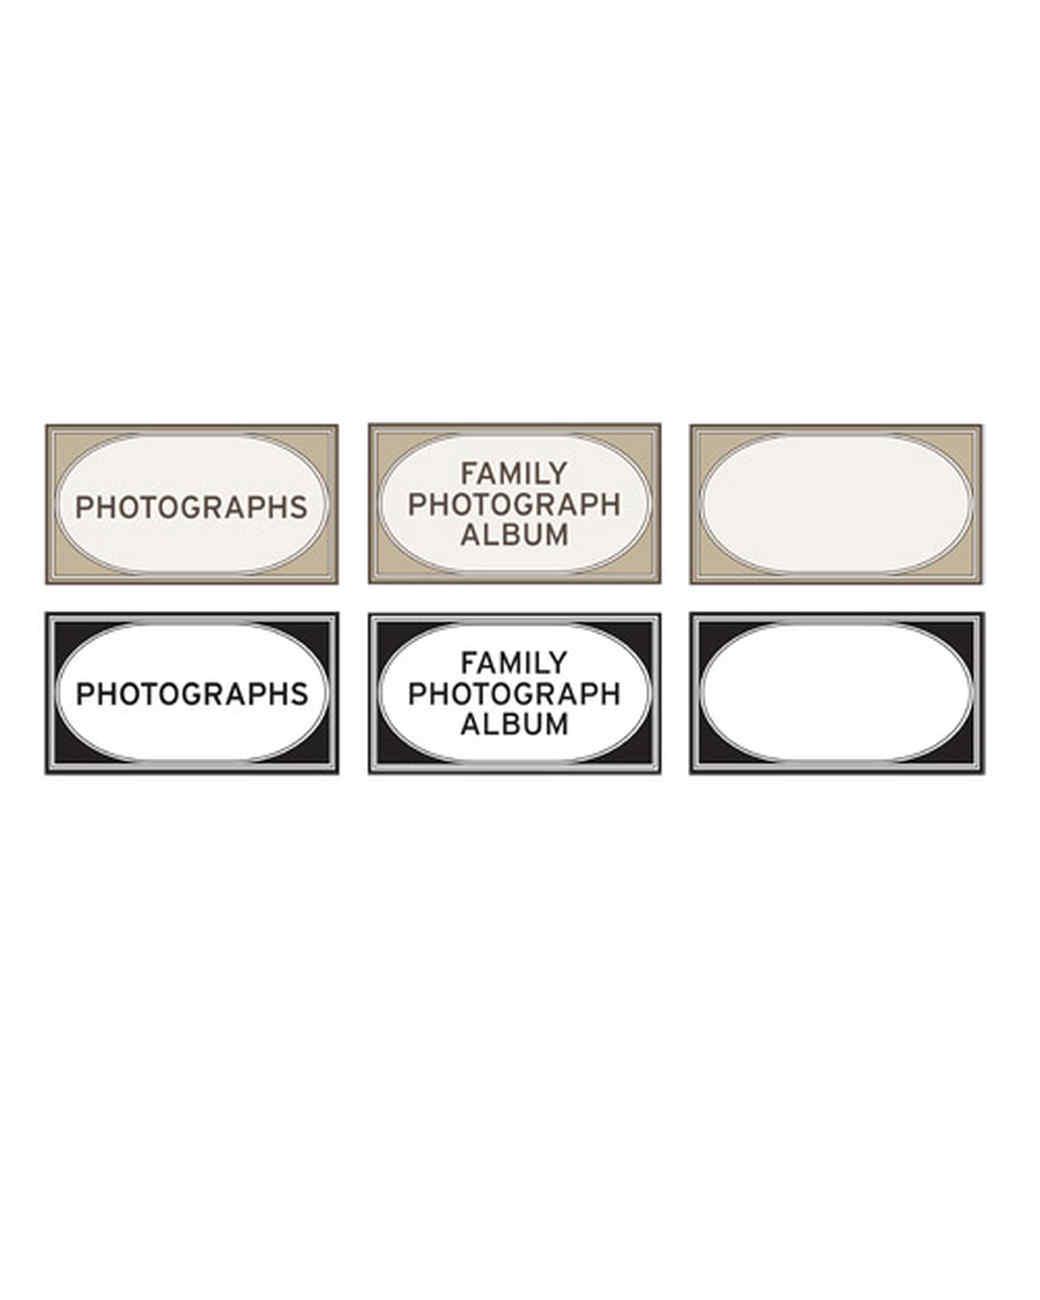 msl_1009_photoborder_labels.jpg